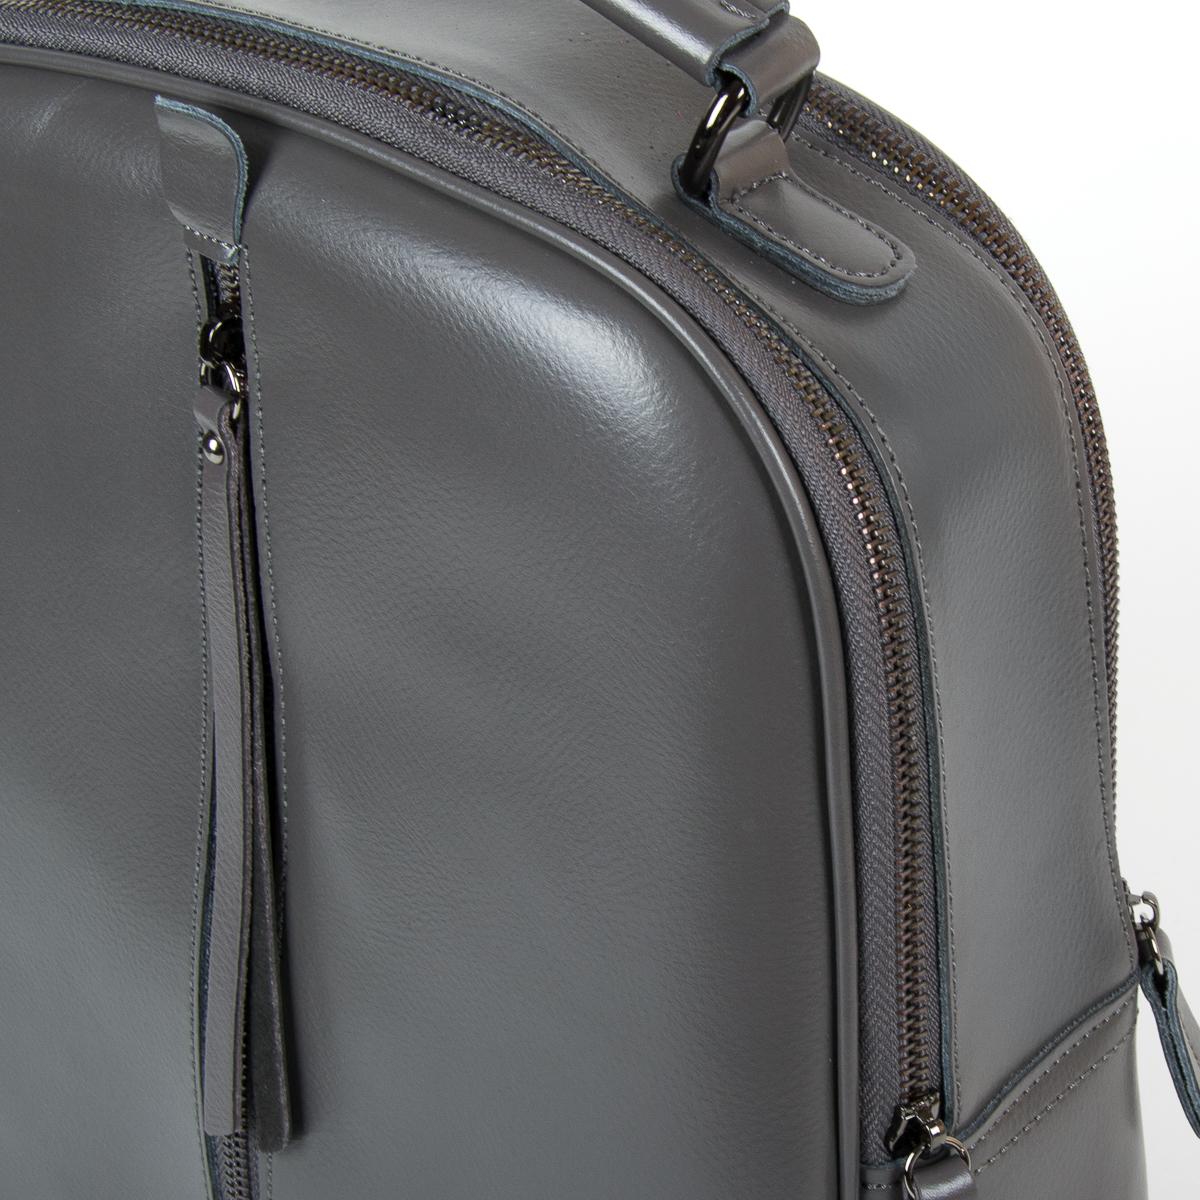 Сумка Женская Рюкзак кожа ALEX RAI 9-01 8694-3 grey - фото 3